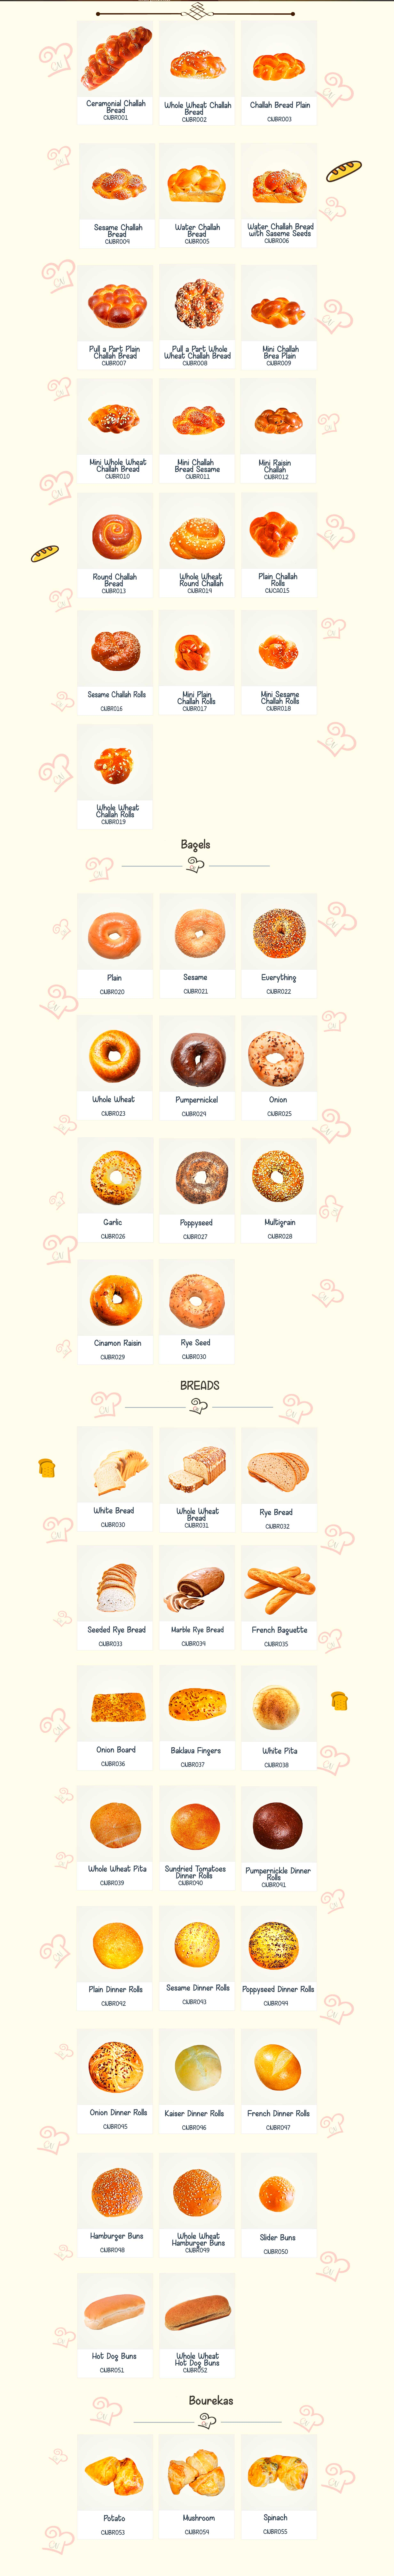 kosher_bread_chefness_kosher_bakery